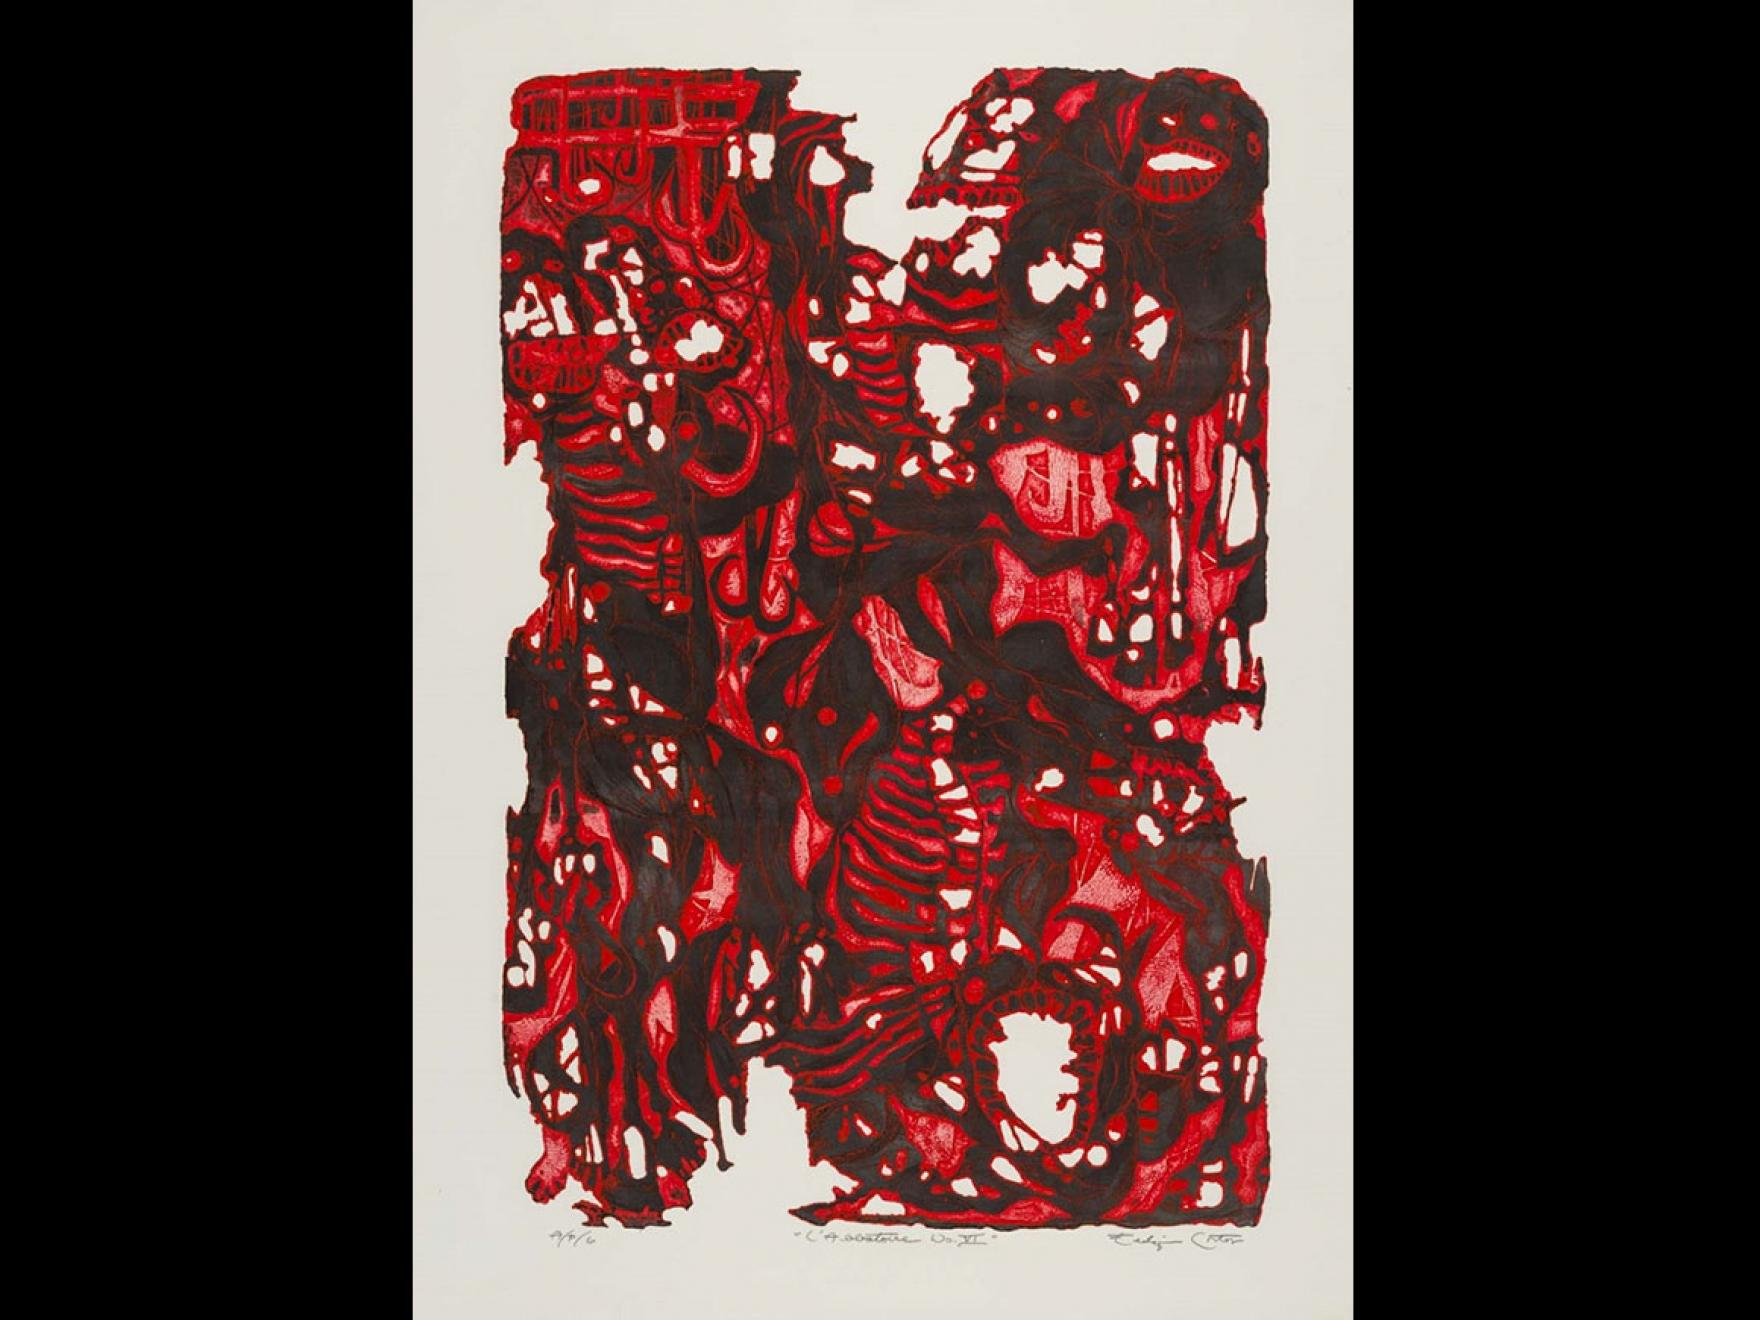 Eldzier Cortor's print, L'Abbatoire No. VI